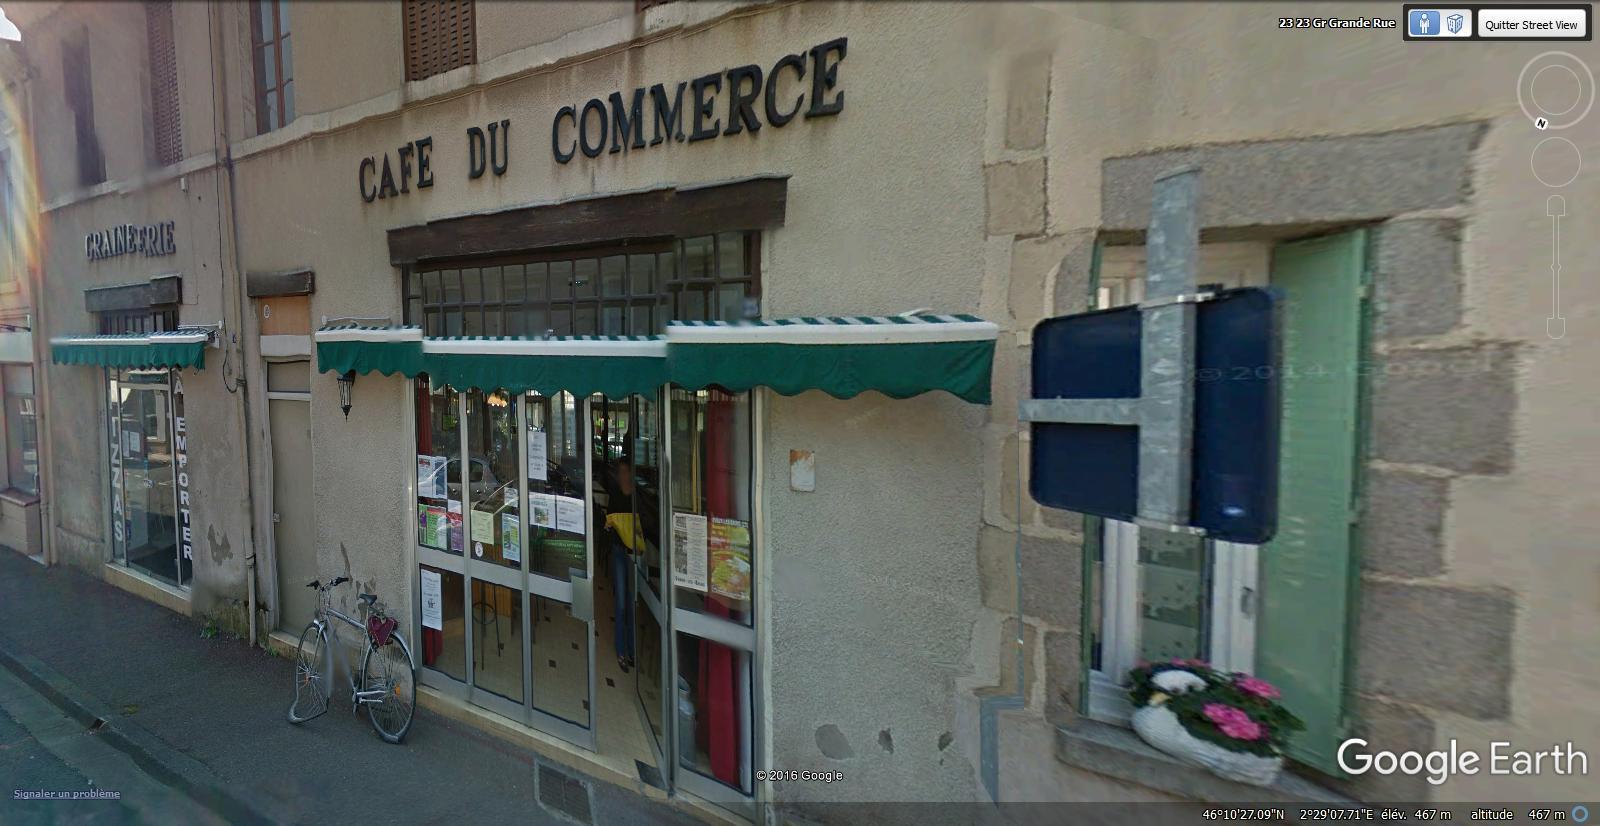 Brasserie du Commerce : à la poursuite d'une institution française - Page 3 Cafy10